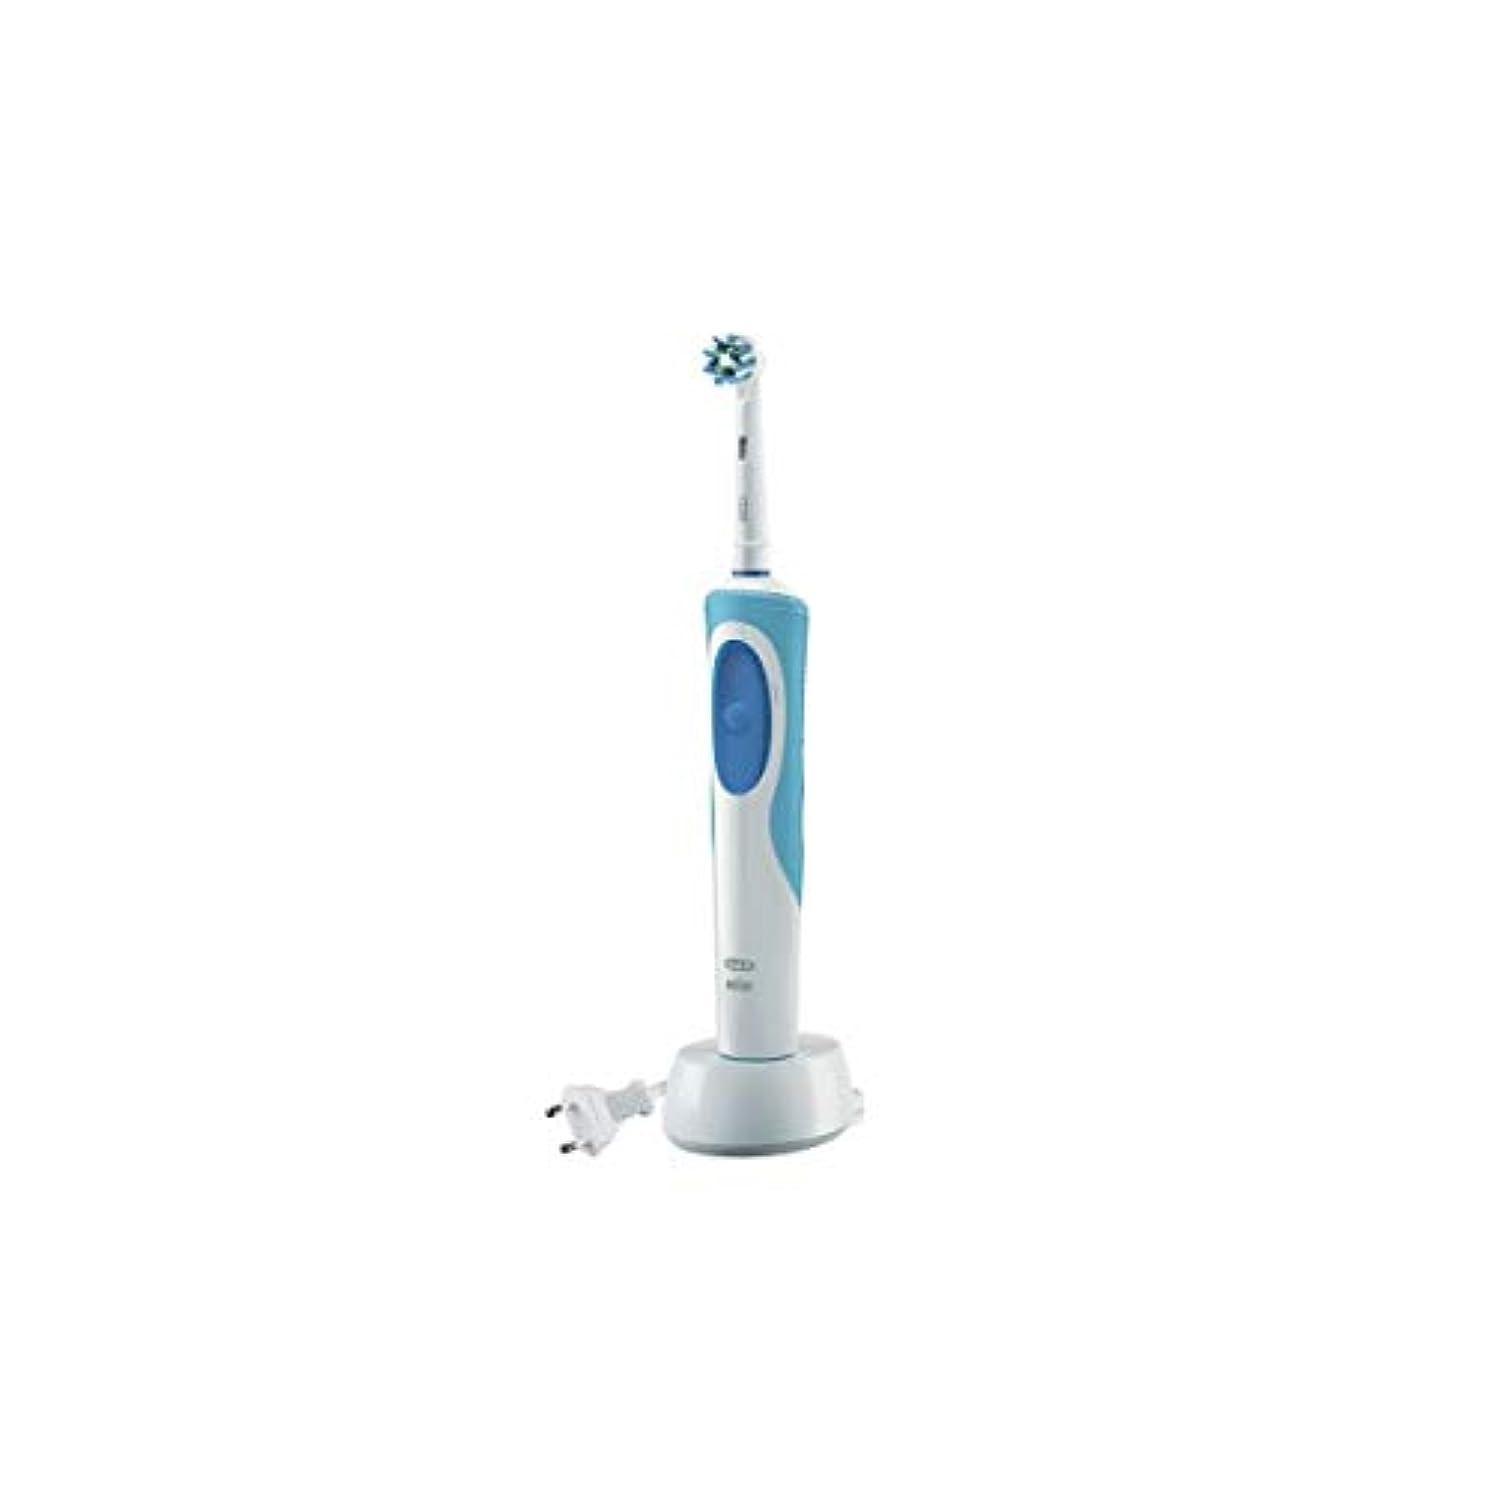 混乱させるそれに応じて専門化するOral B Vitality Cross Action Electric Toothbrush [並行輸入品]